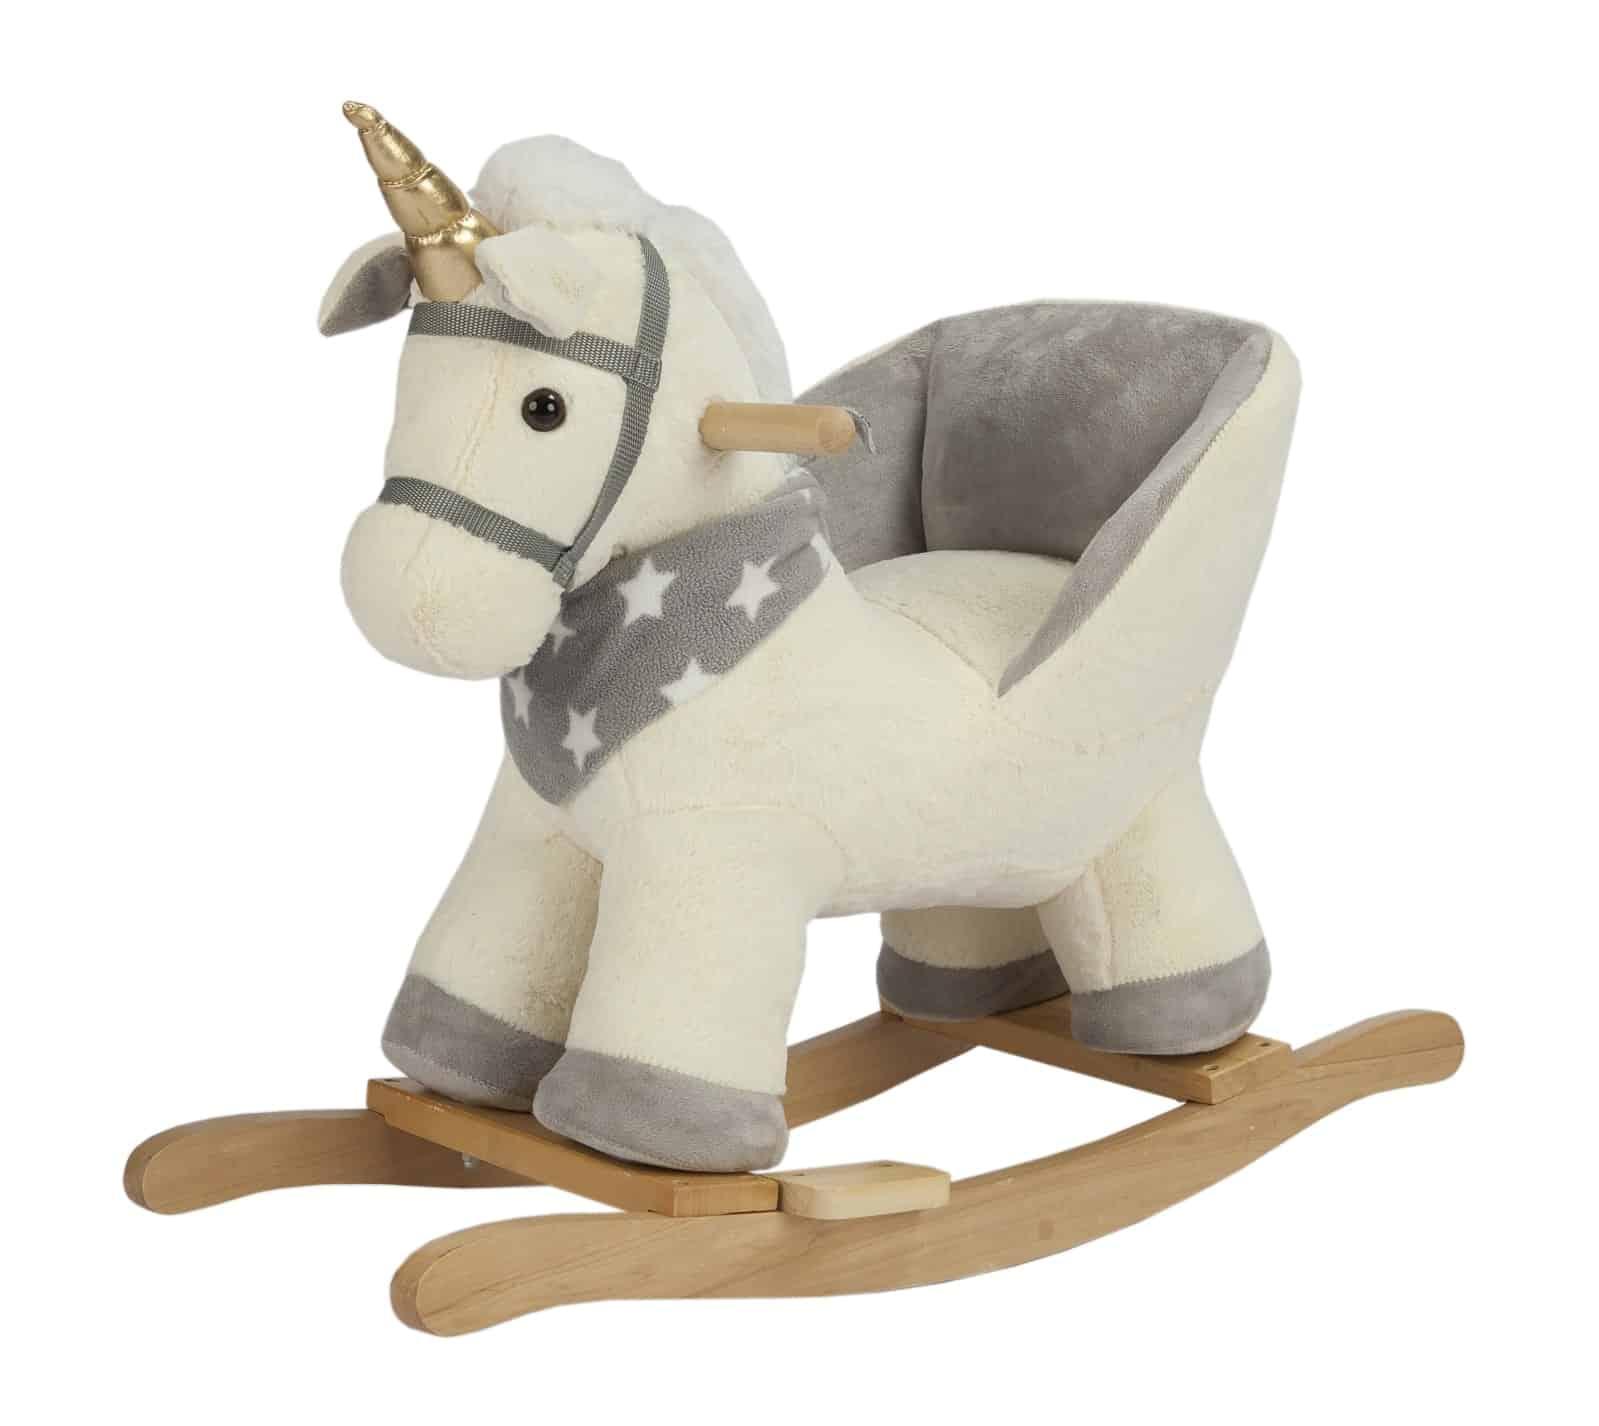 Đồ chơi ngựa gỗ nhồi bông bập bênh